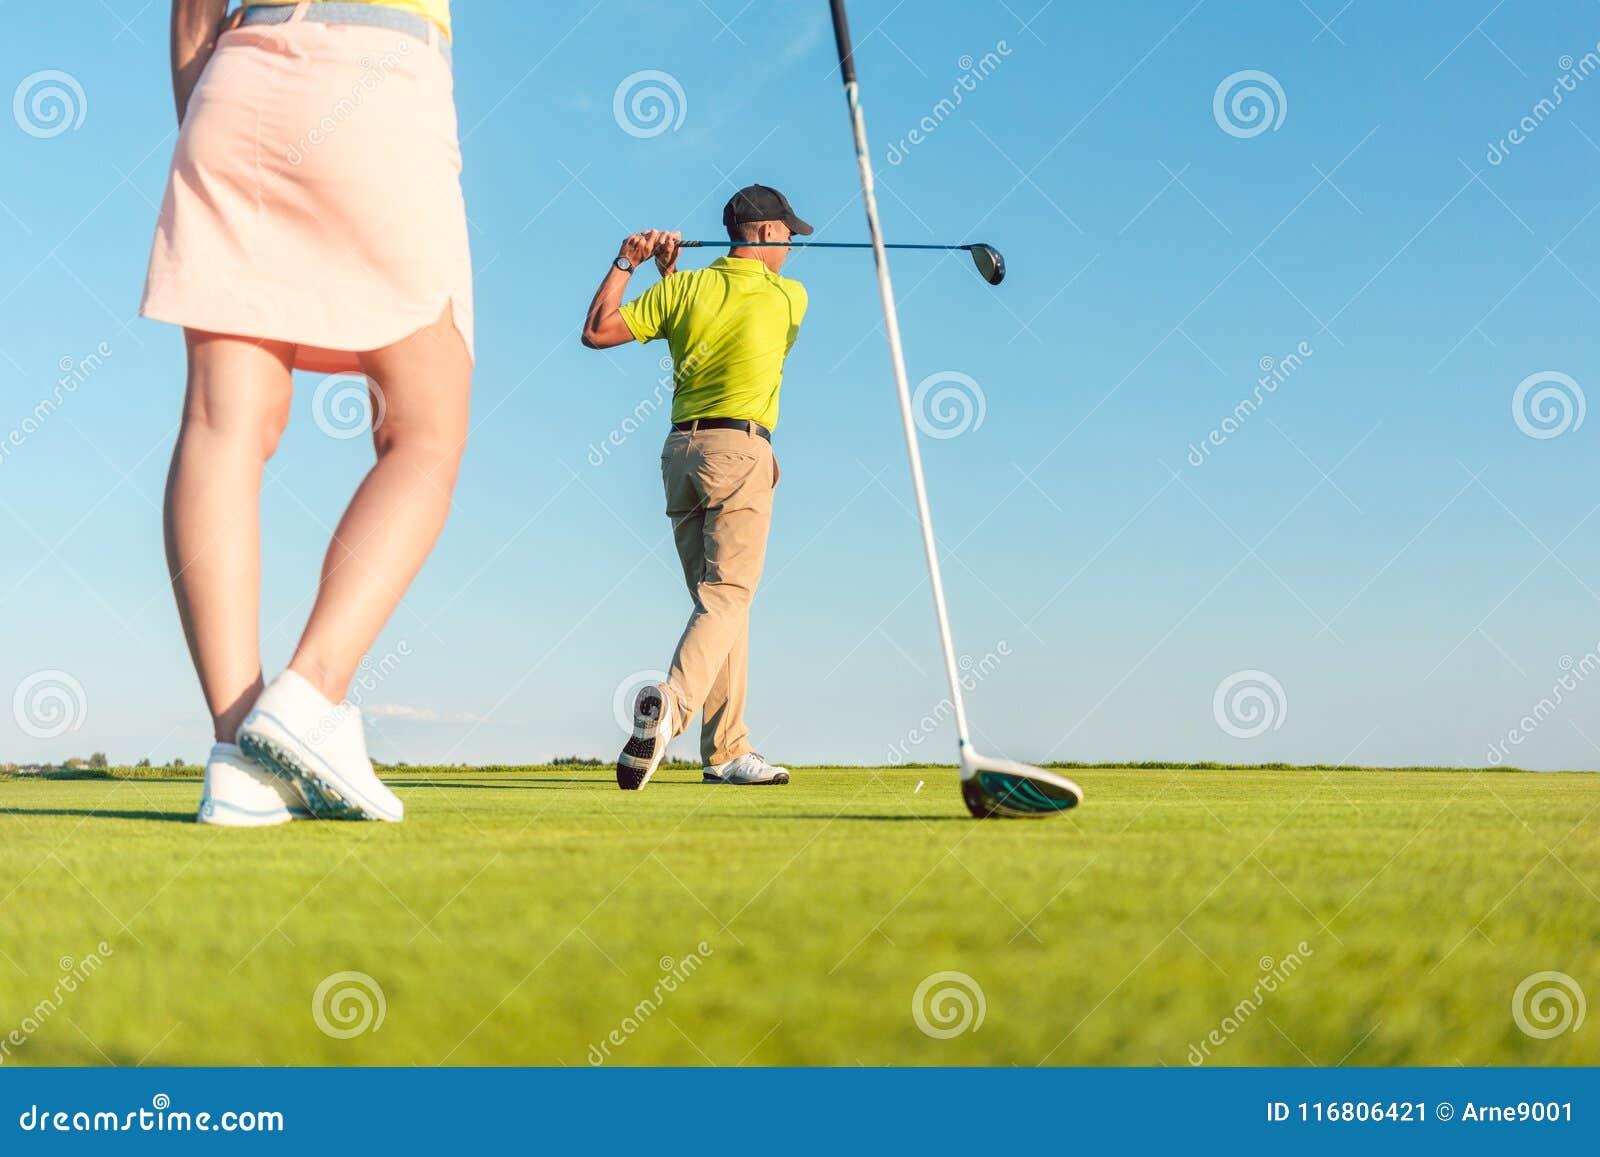 Equipaggi il gioco del golf professionale con il suo partner durante la gara a buche